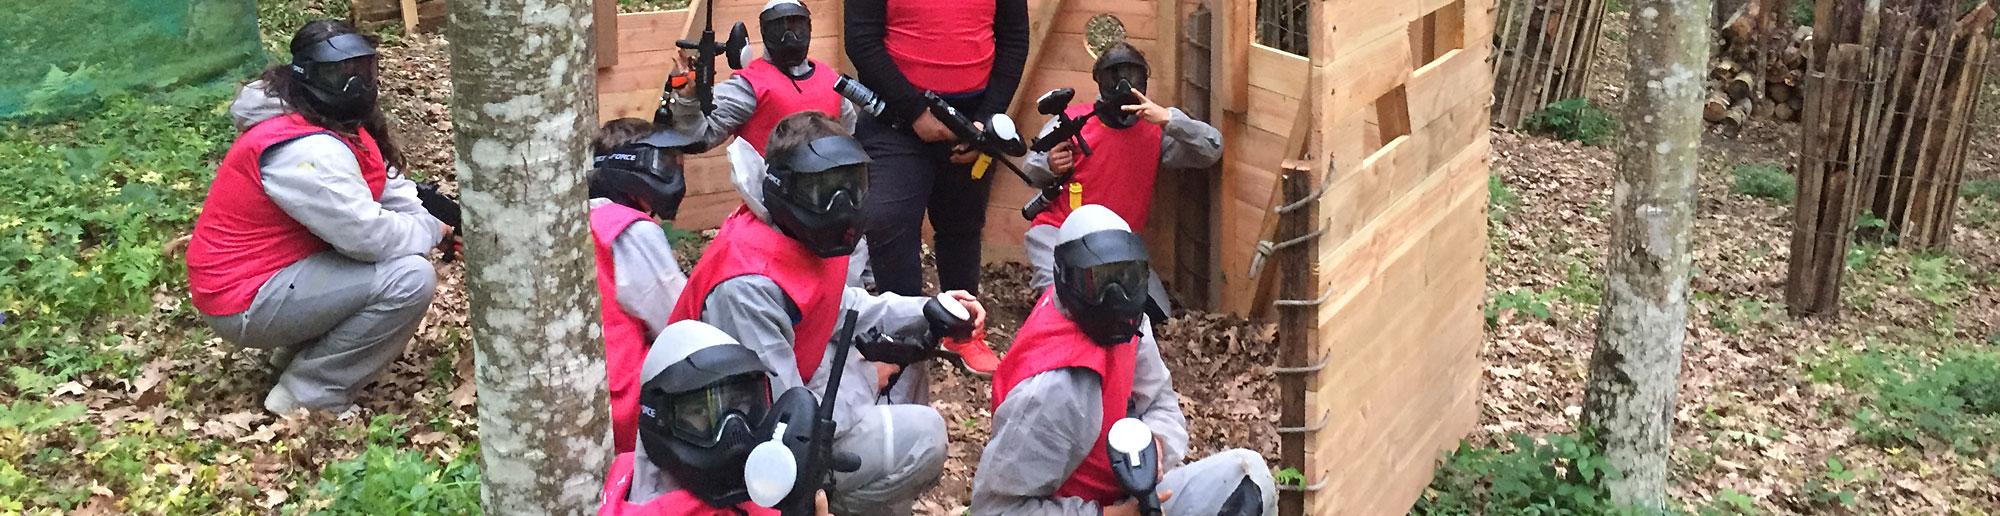 paintball-aveyron-groupe-team-building